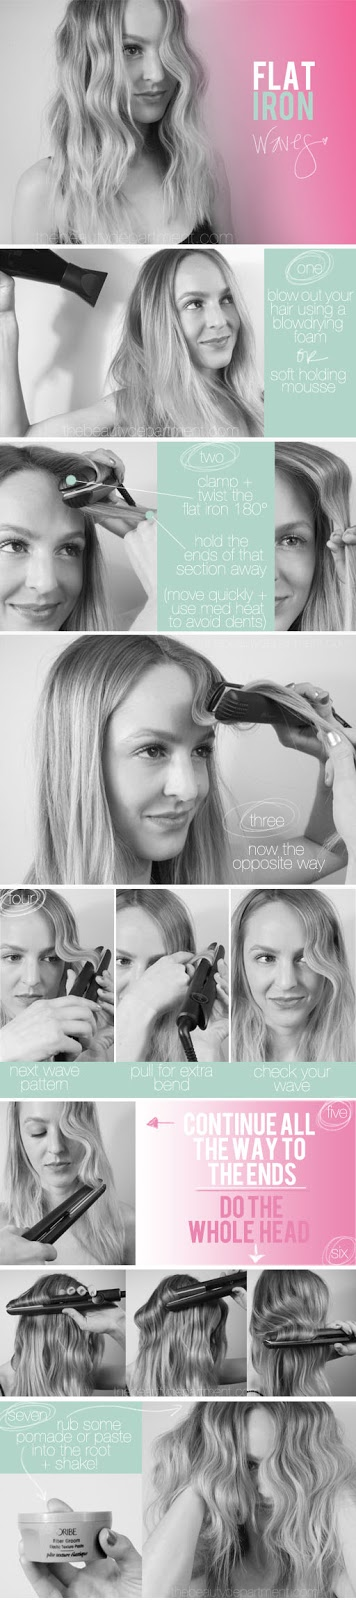 comment avoir coiffure wavy